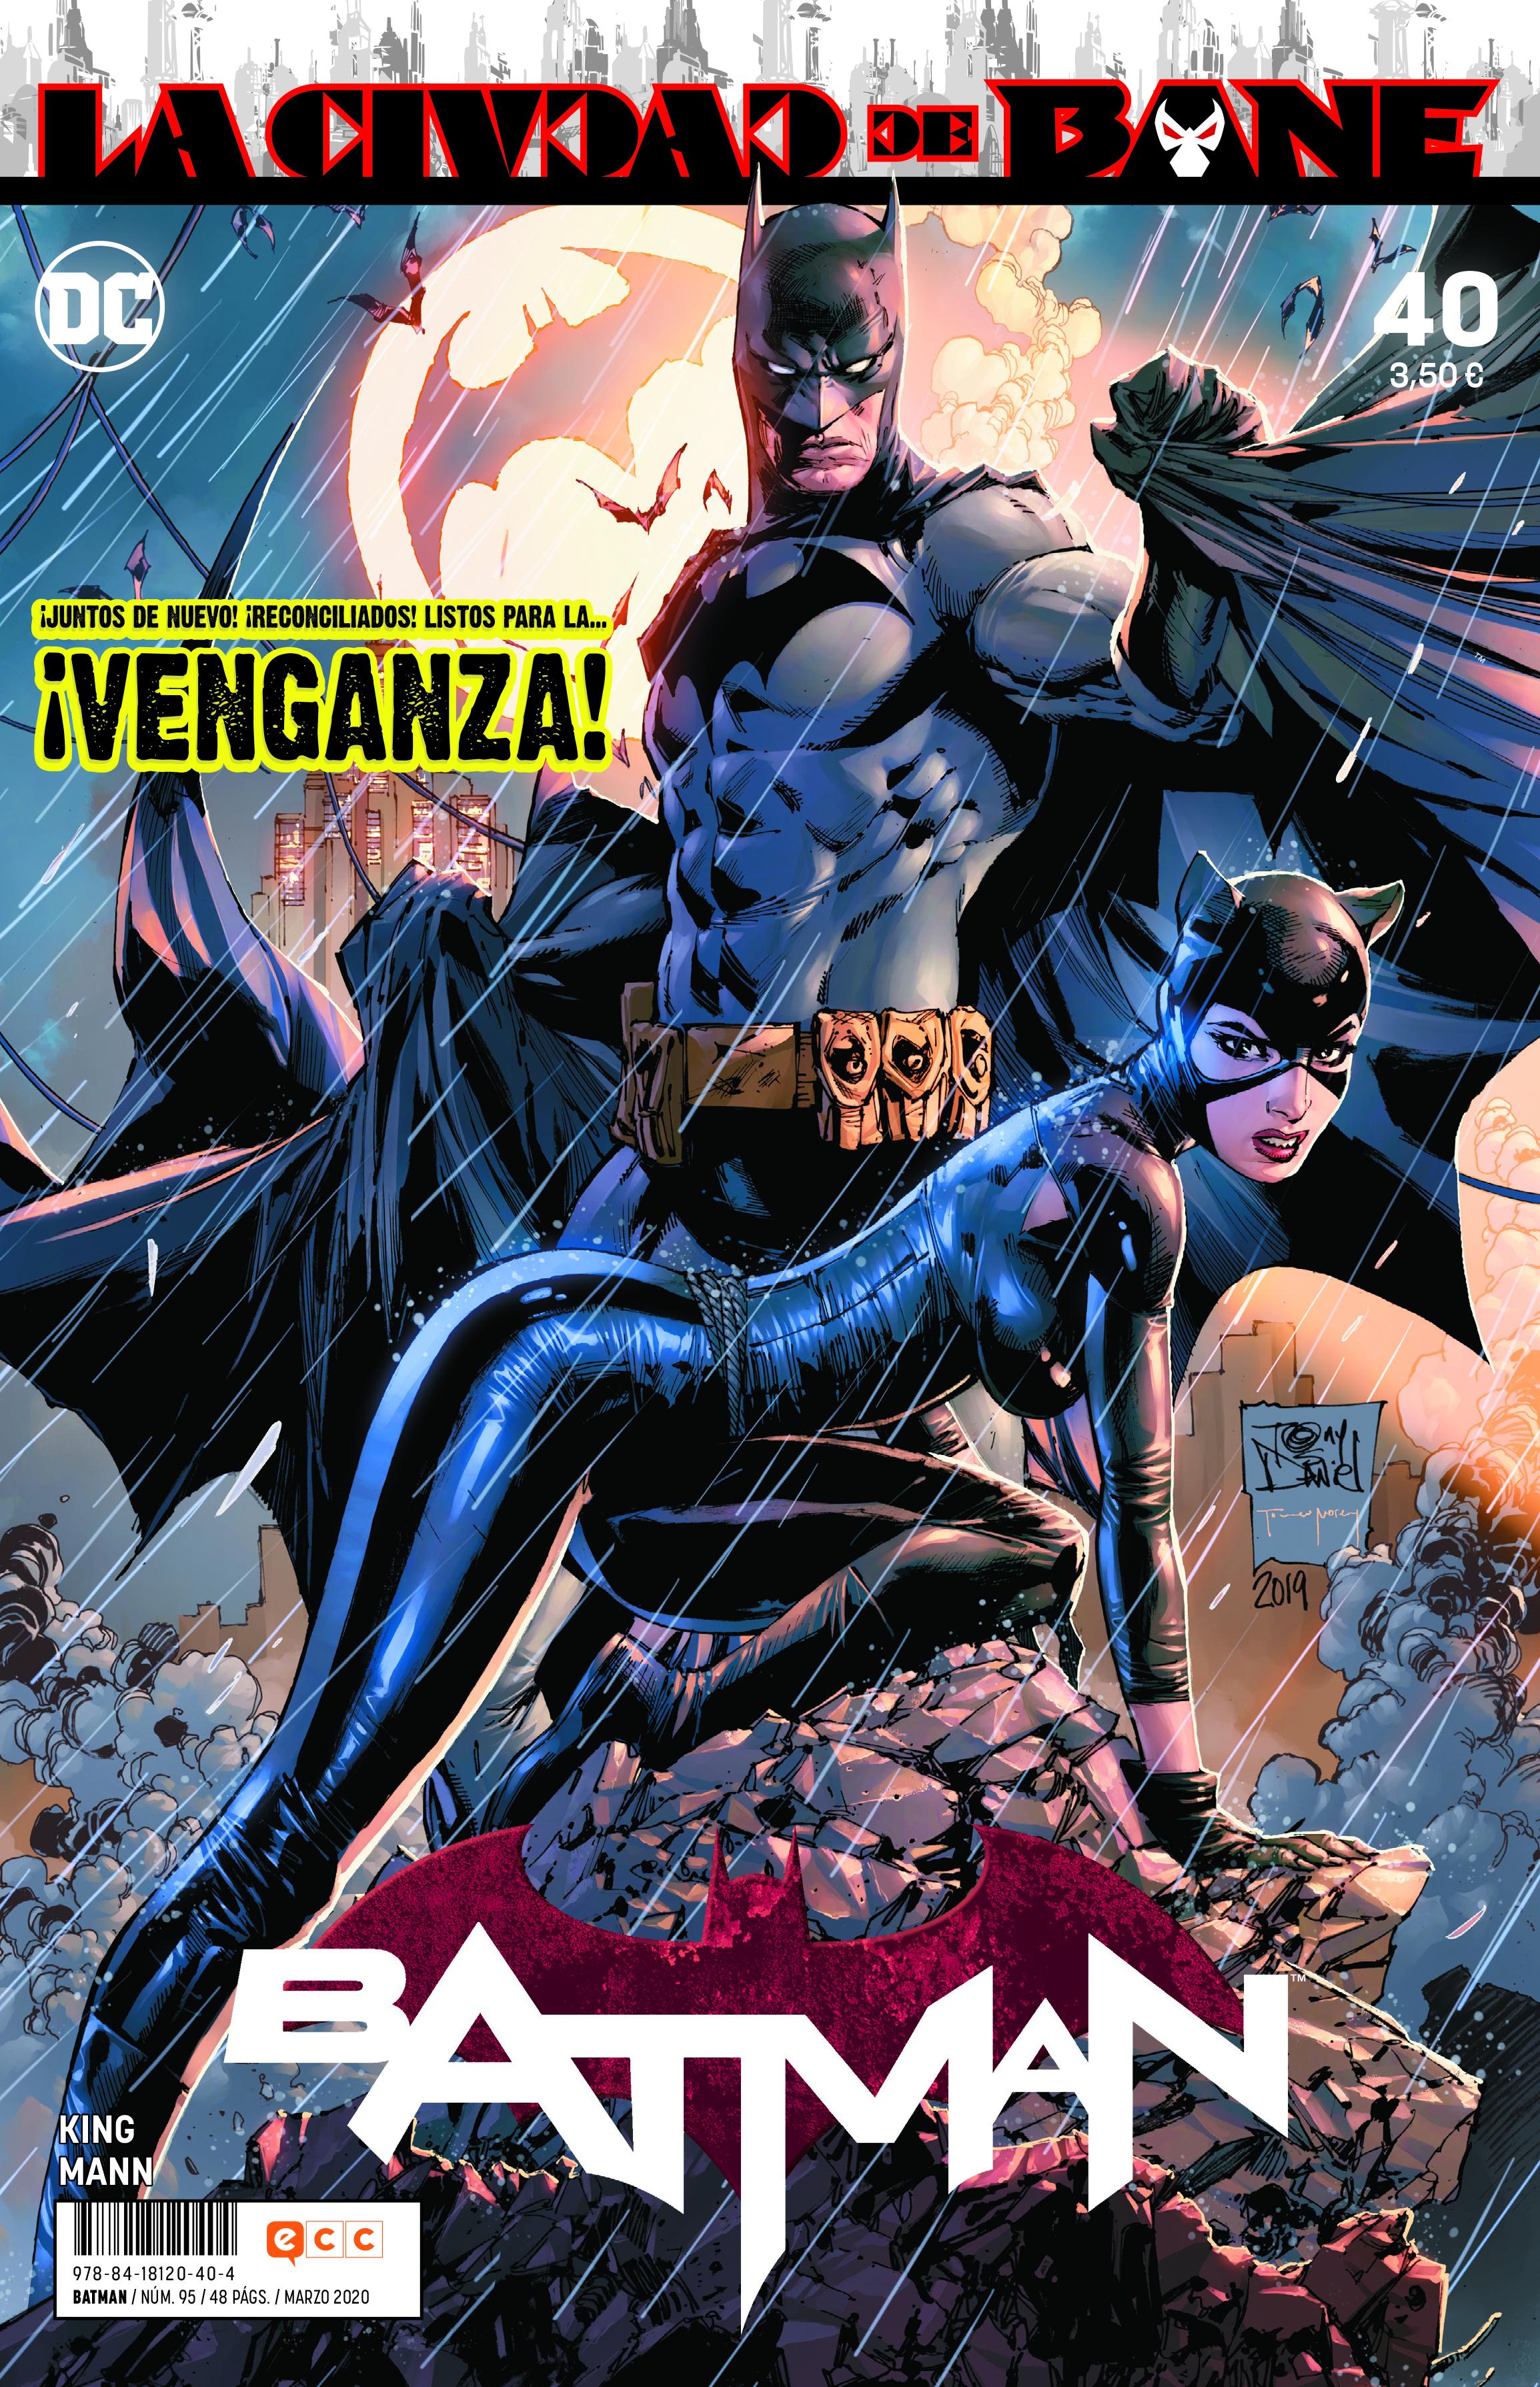 Batman núm. 95/40